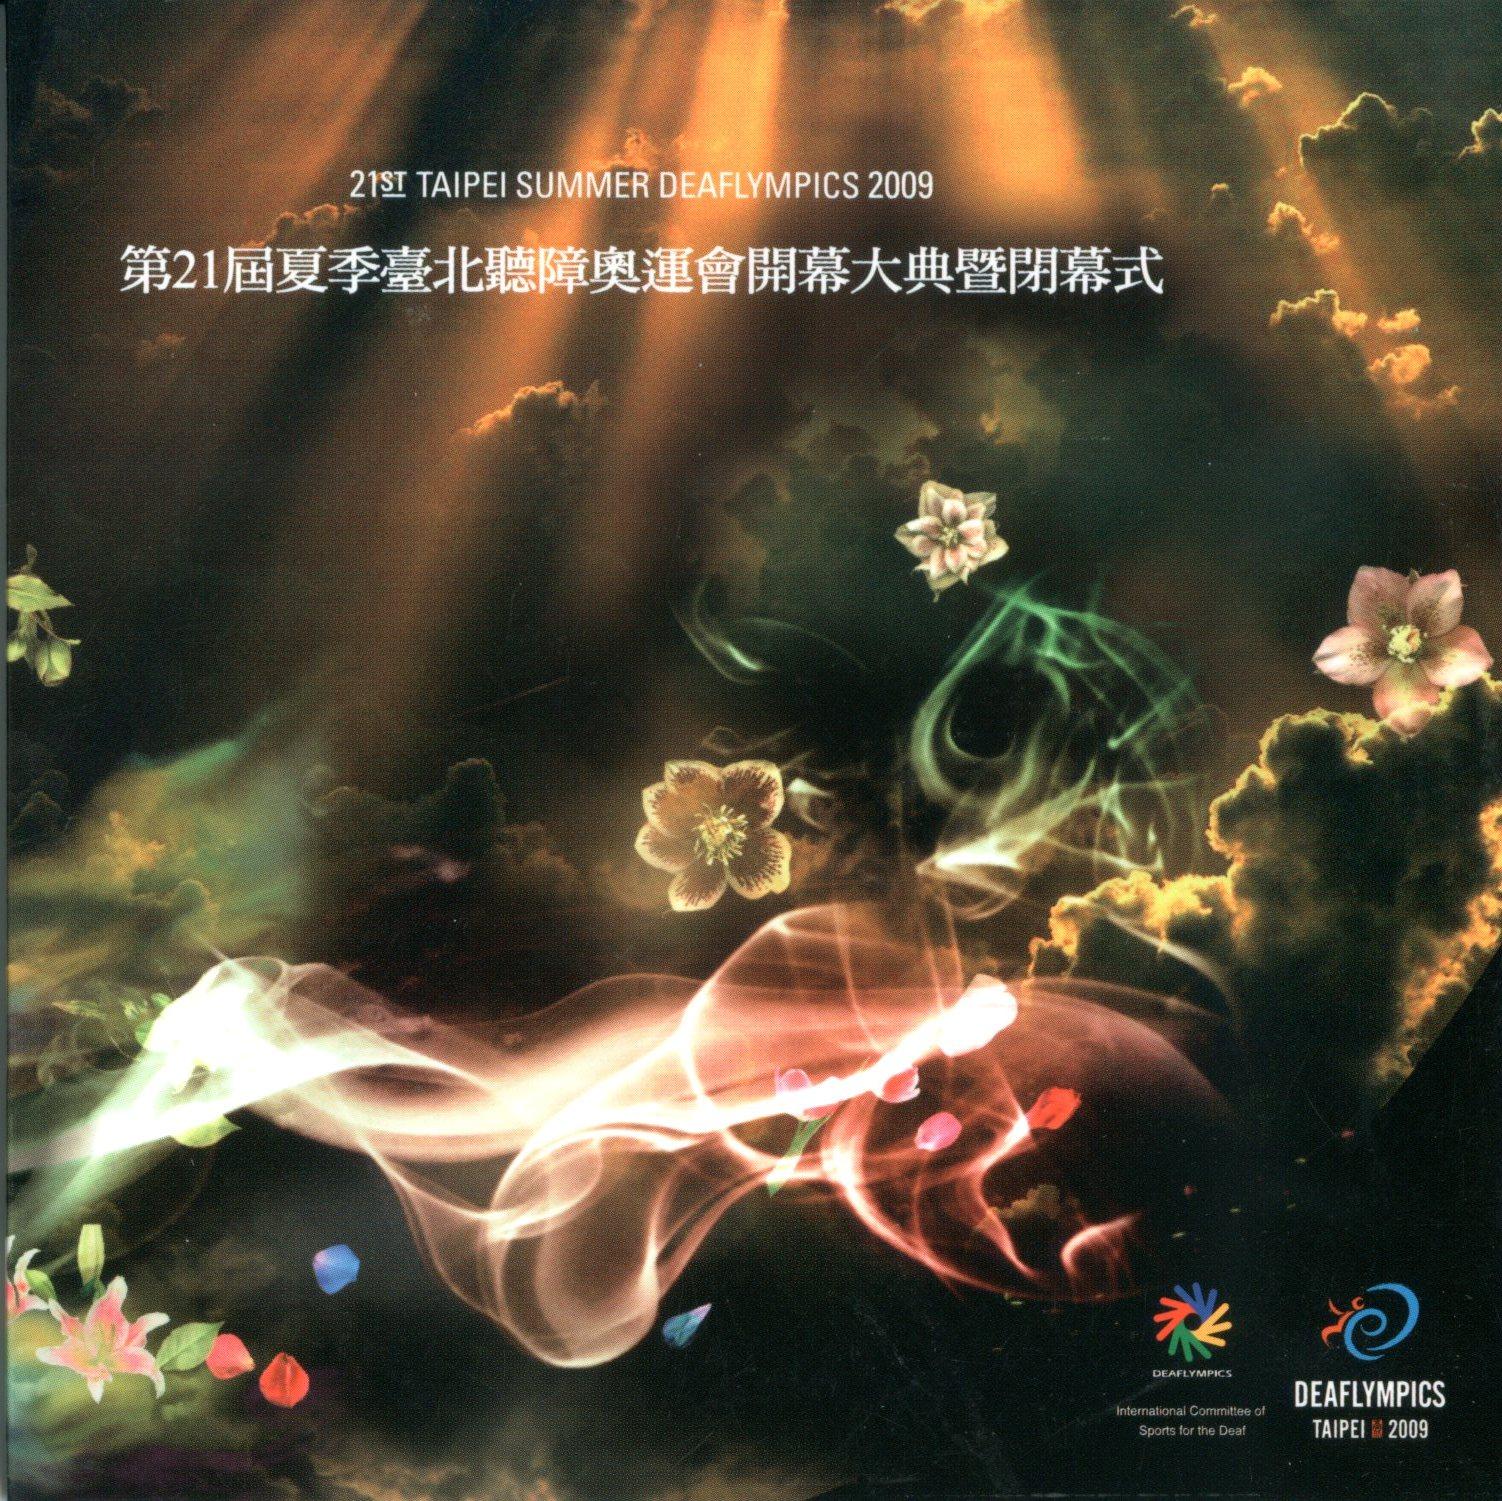 第21屆夏季臺北聽障奧運會開幕大典暨閉幕式 21st Taipei Summer Deaflympics 2009 /